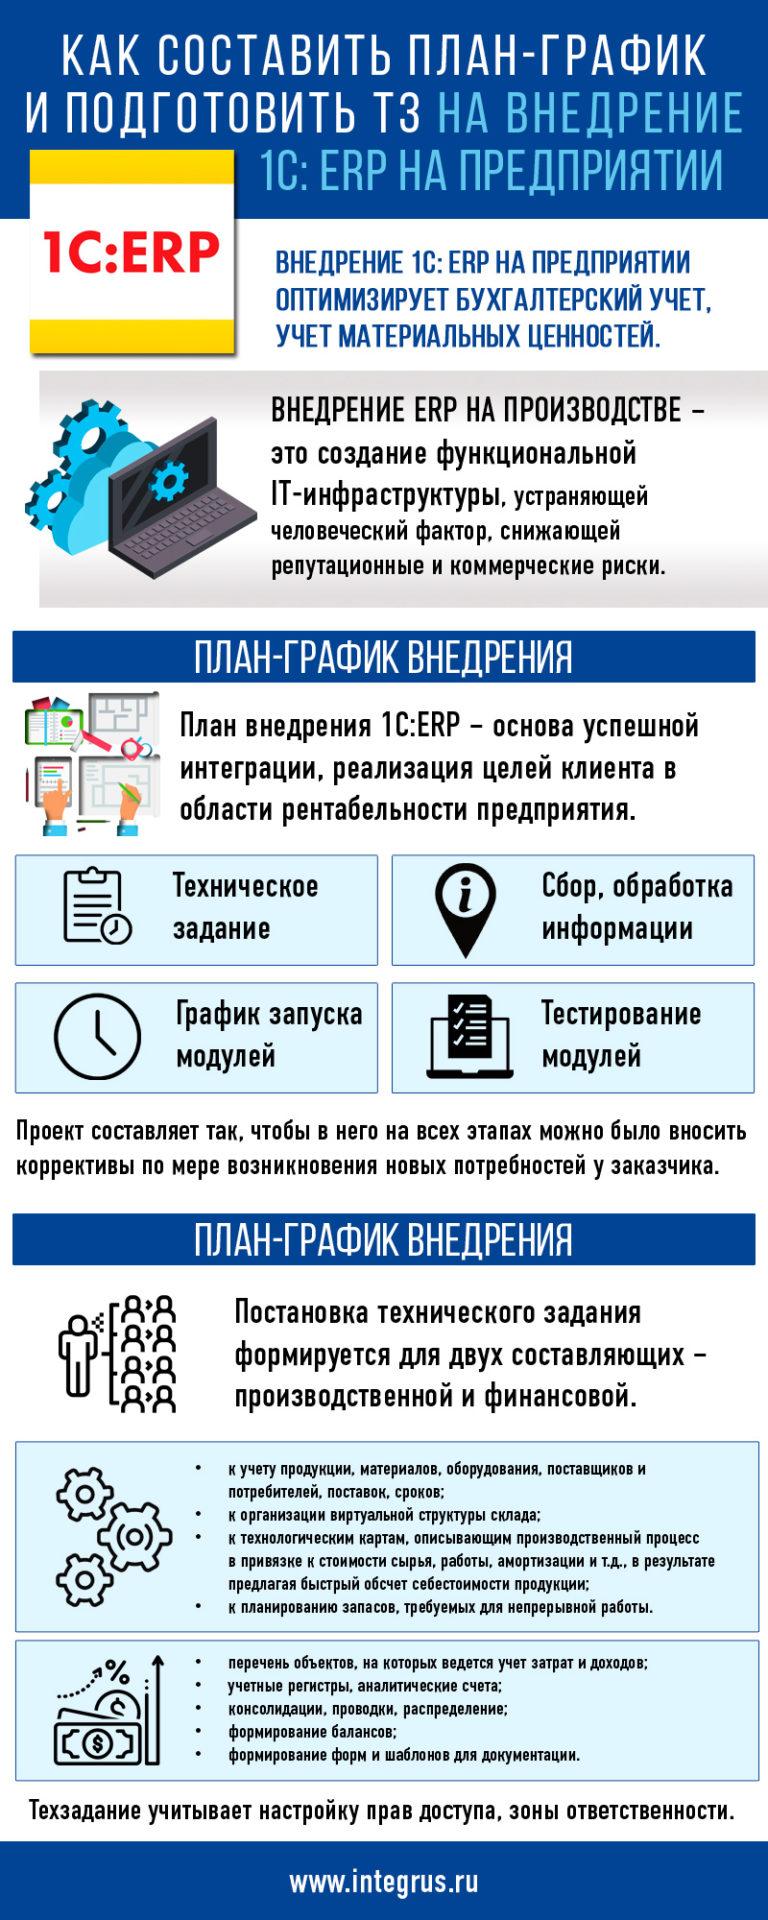 План-график и подготовка ТЗ на внедрение 1C: ERP на предприятии